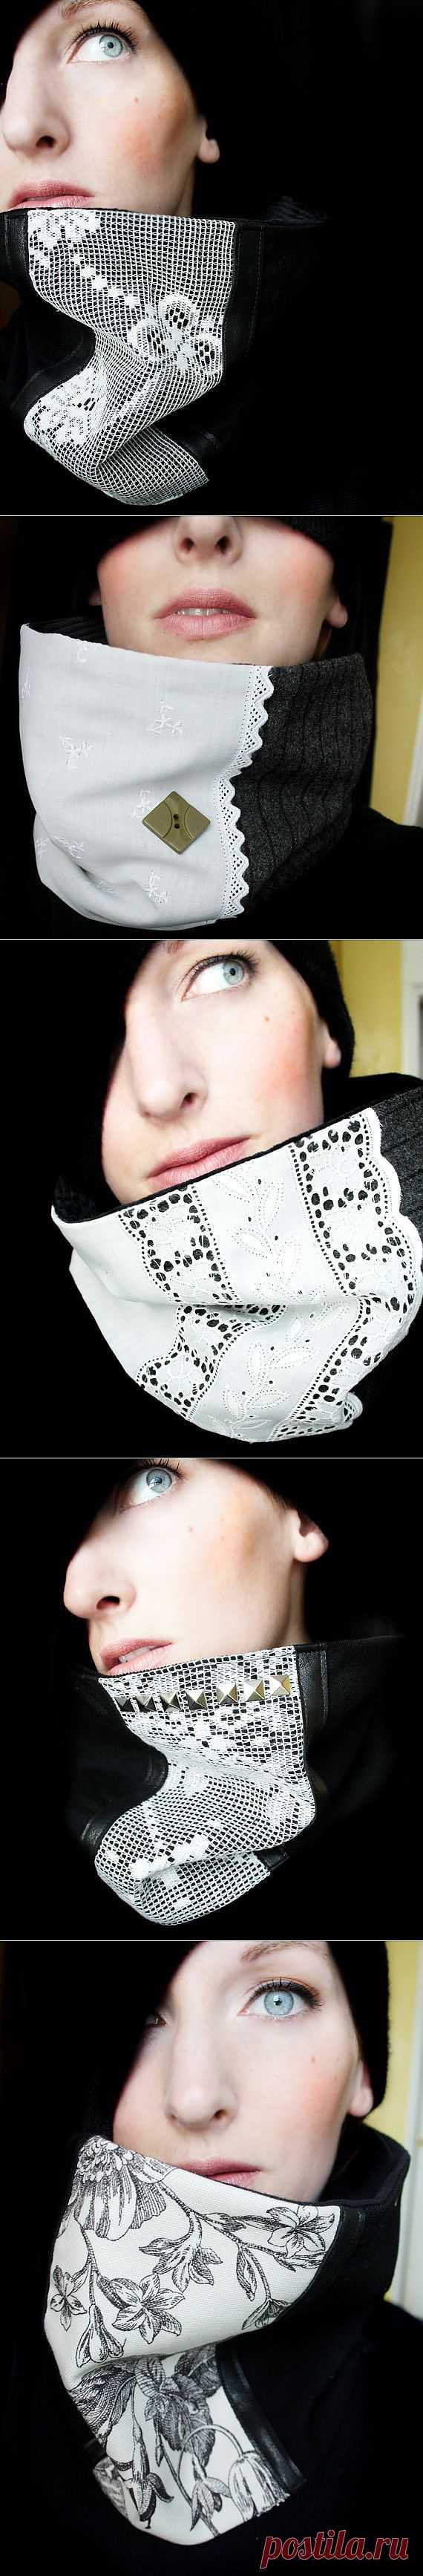 Шарфы-воротники / Шарфы / Модный сайт о стильной переделке одежды и интерьера